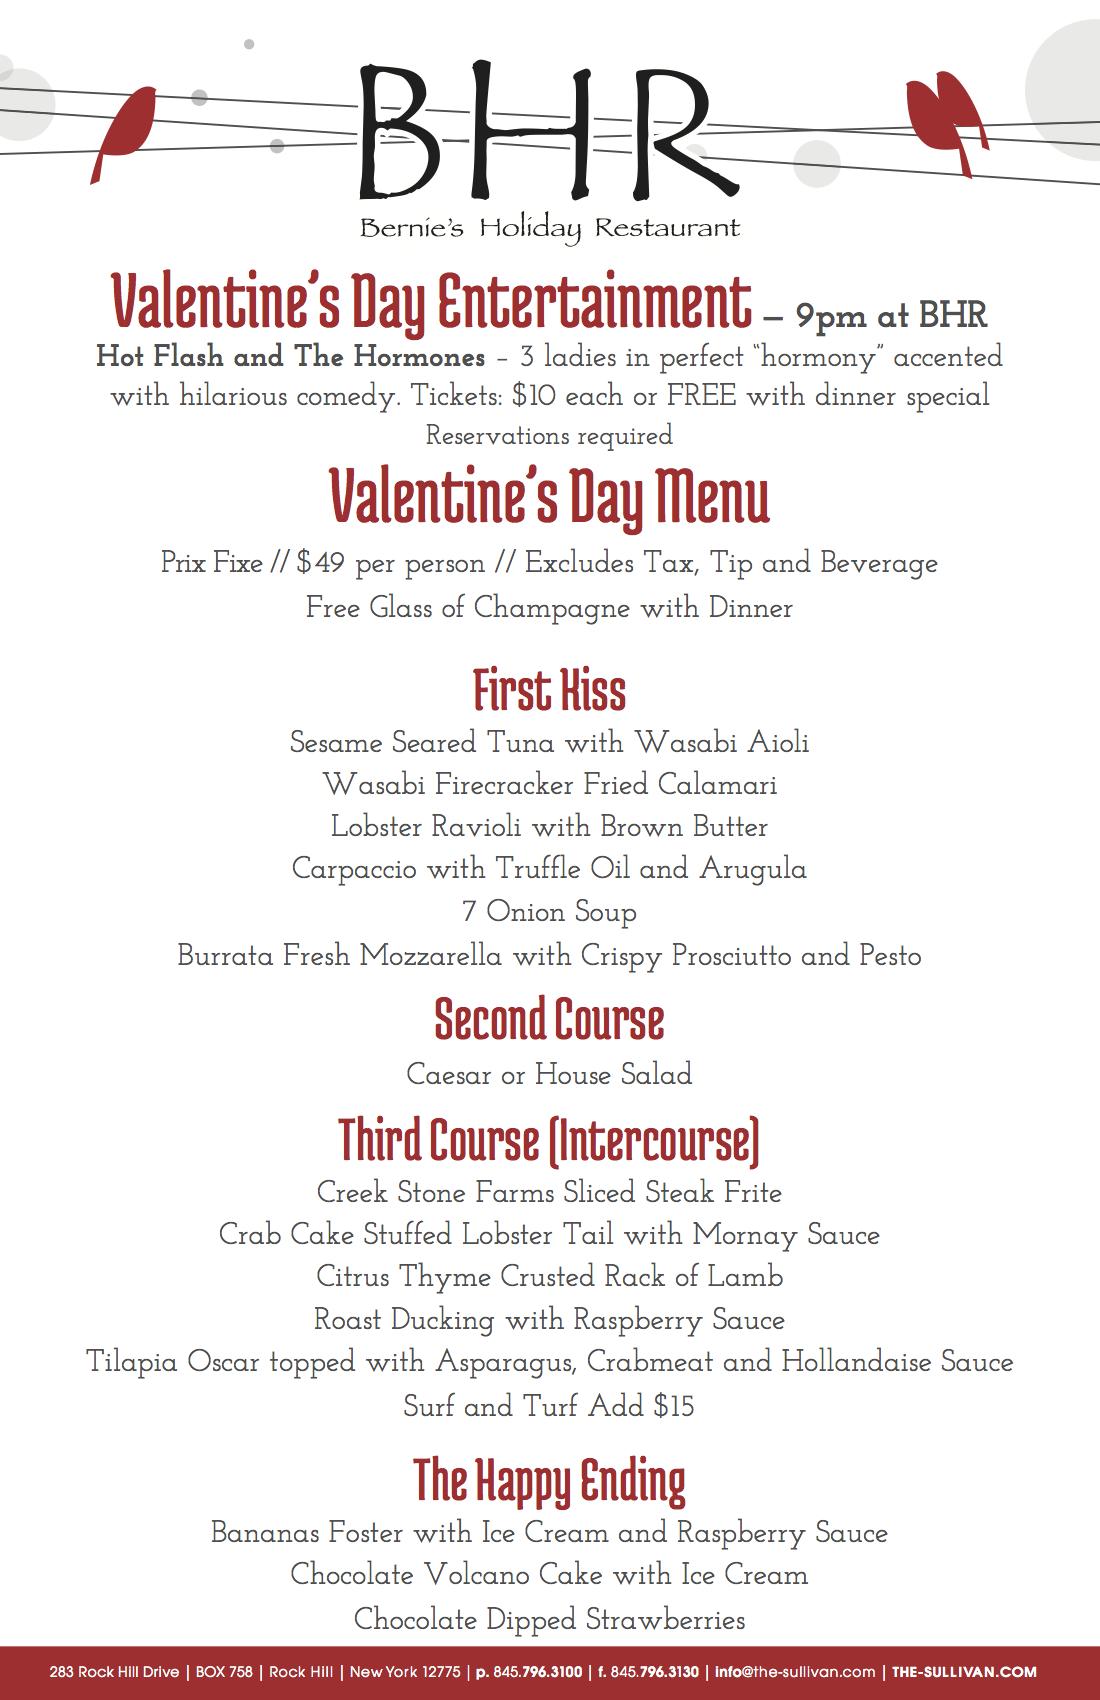 BHR-2014-Valentine's Day Menu